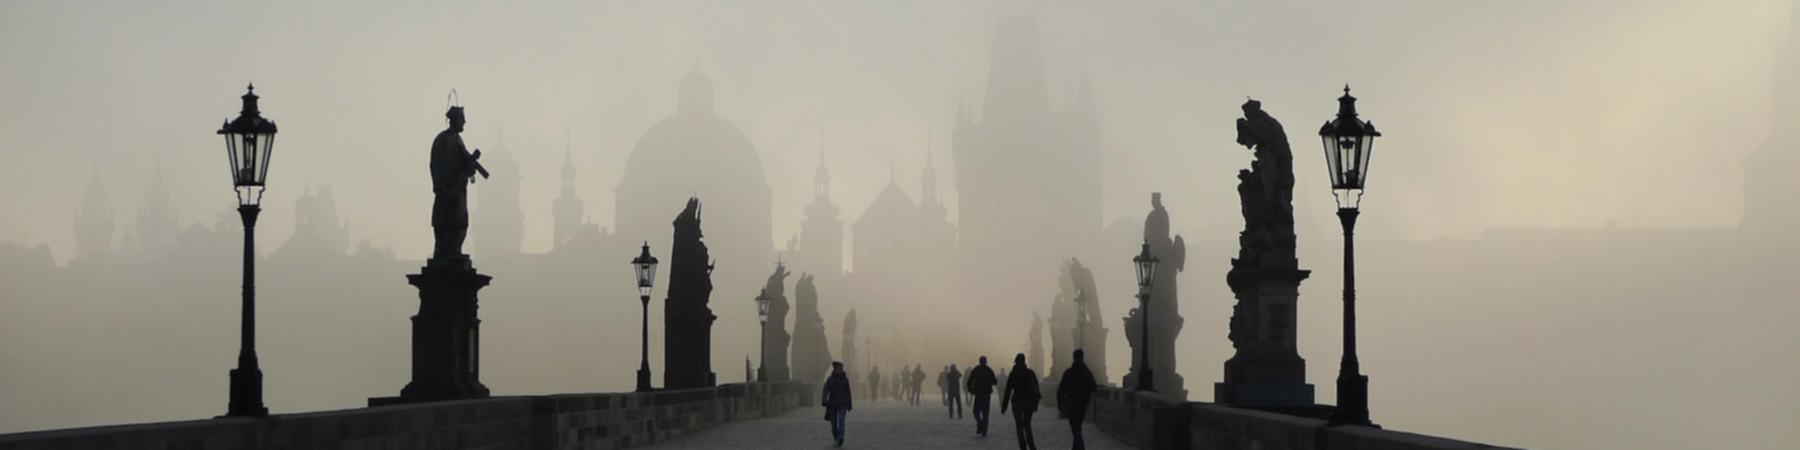 Prague Banner.jpg